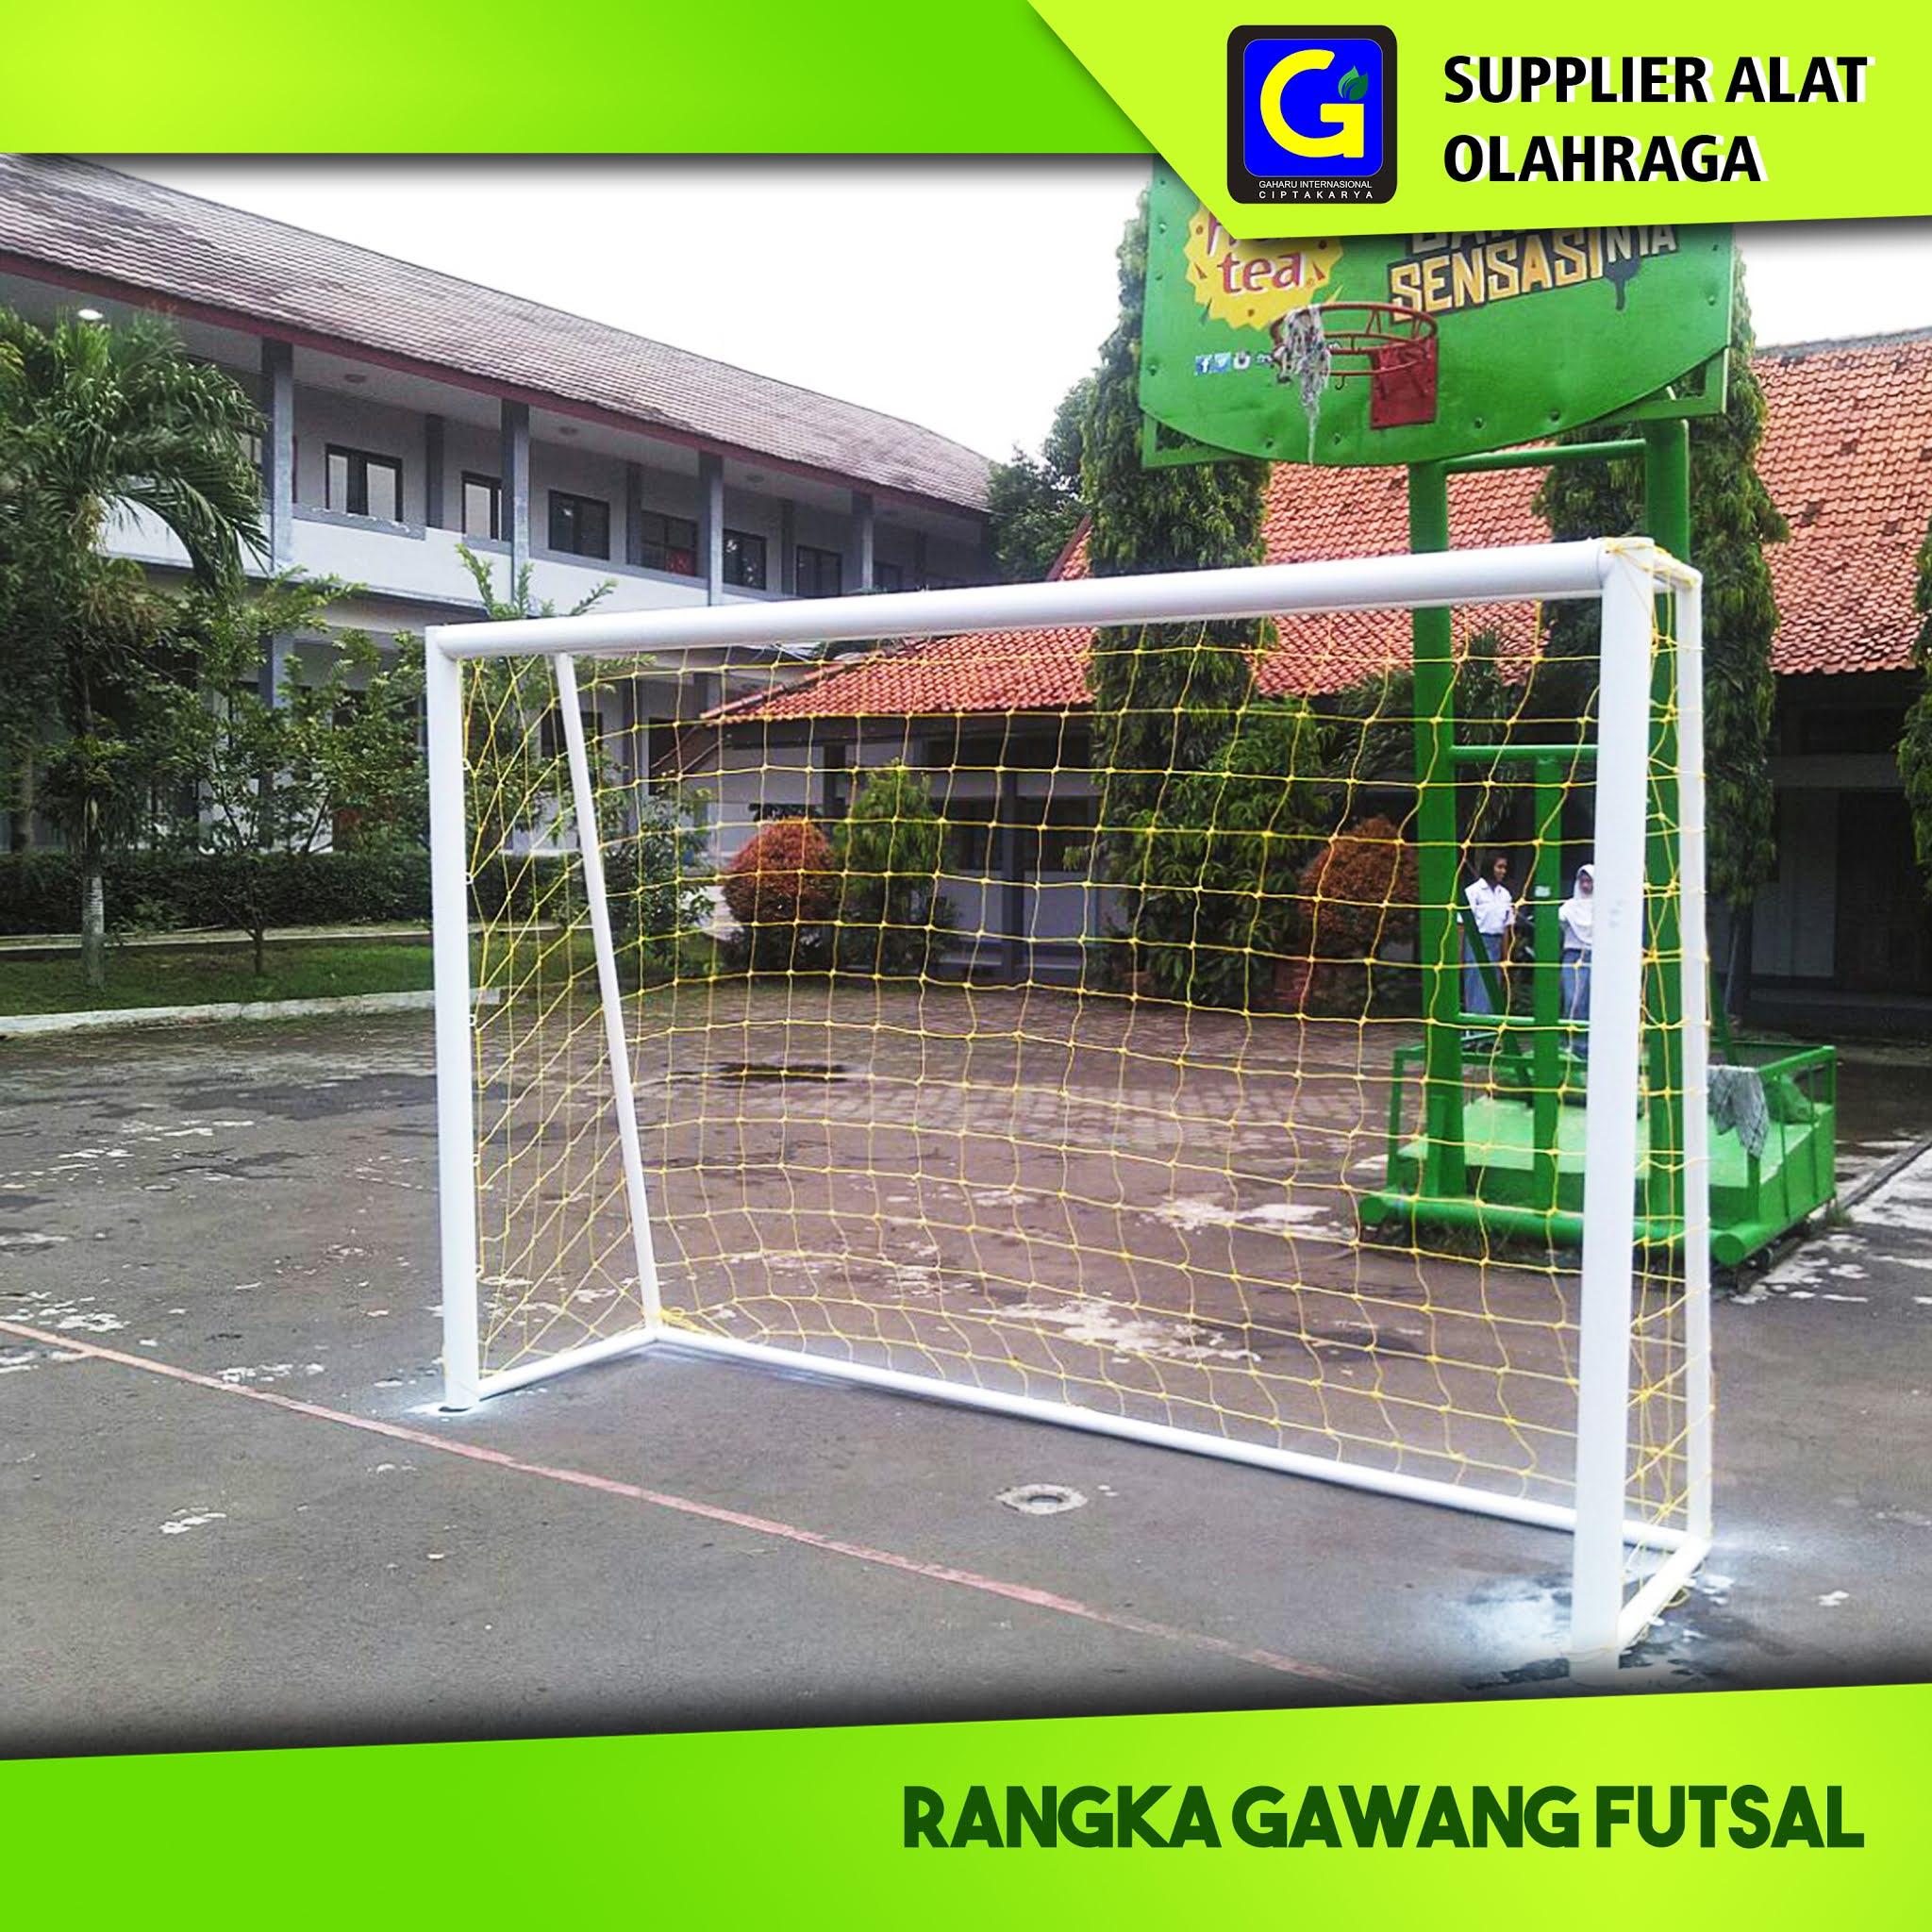 Rangka Gawang Futsal